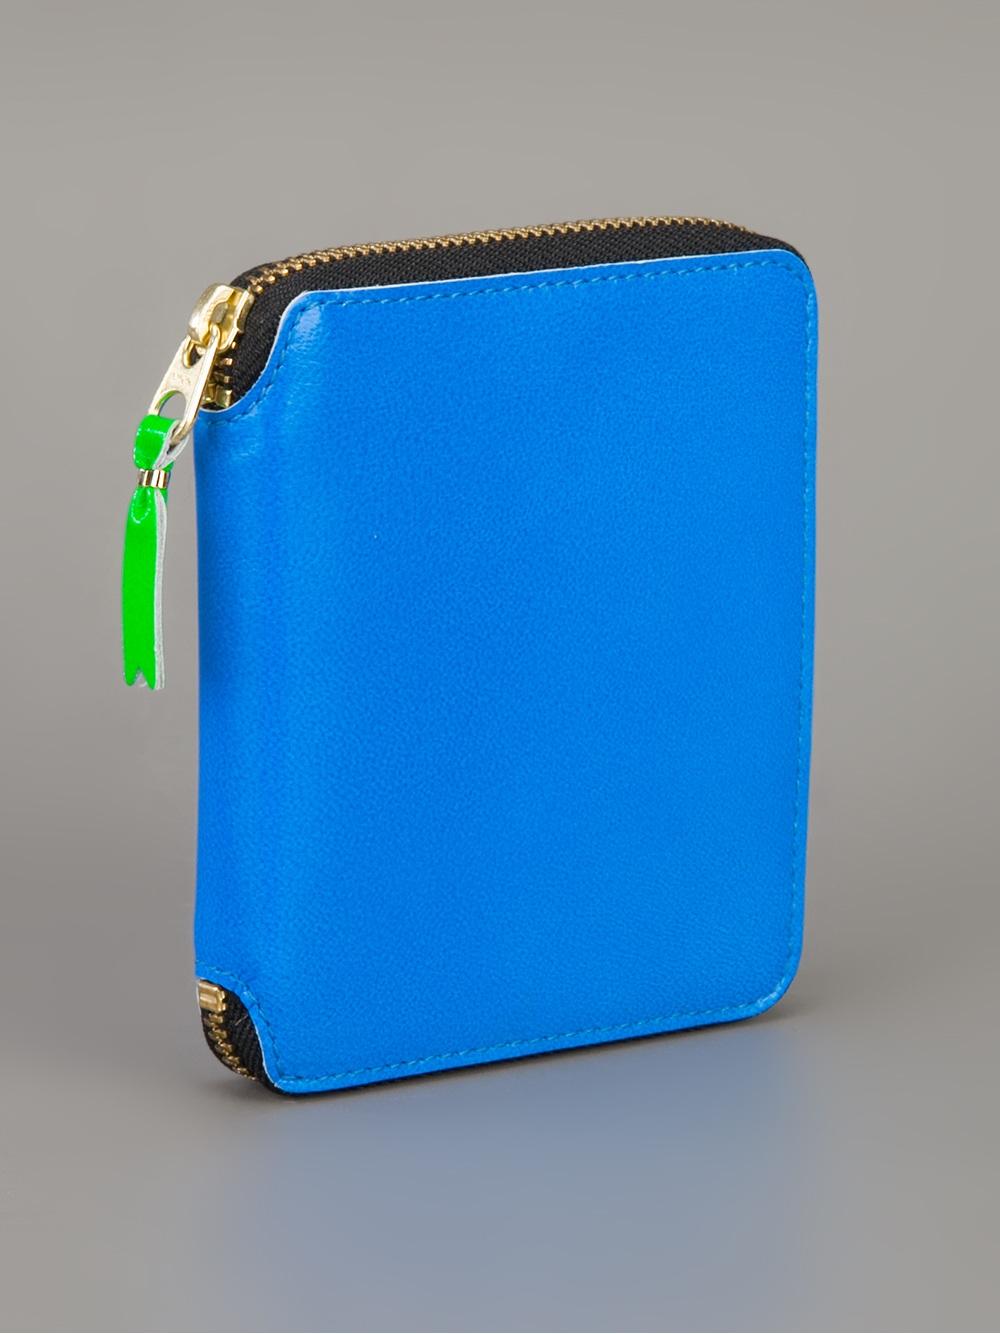 Super Fluo purse - Blue Comme Des Gar?ons TBPOf5N